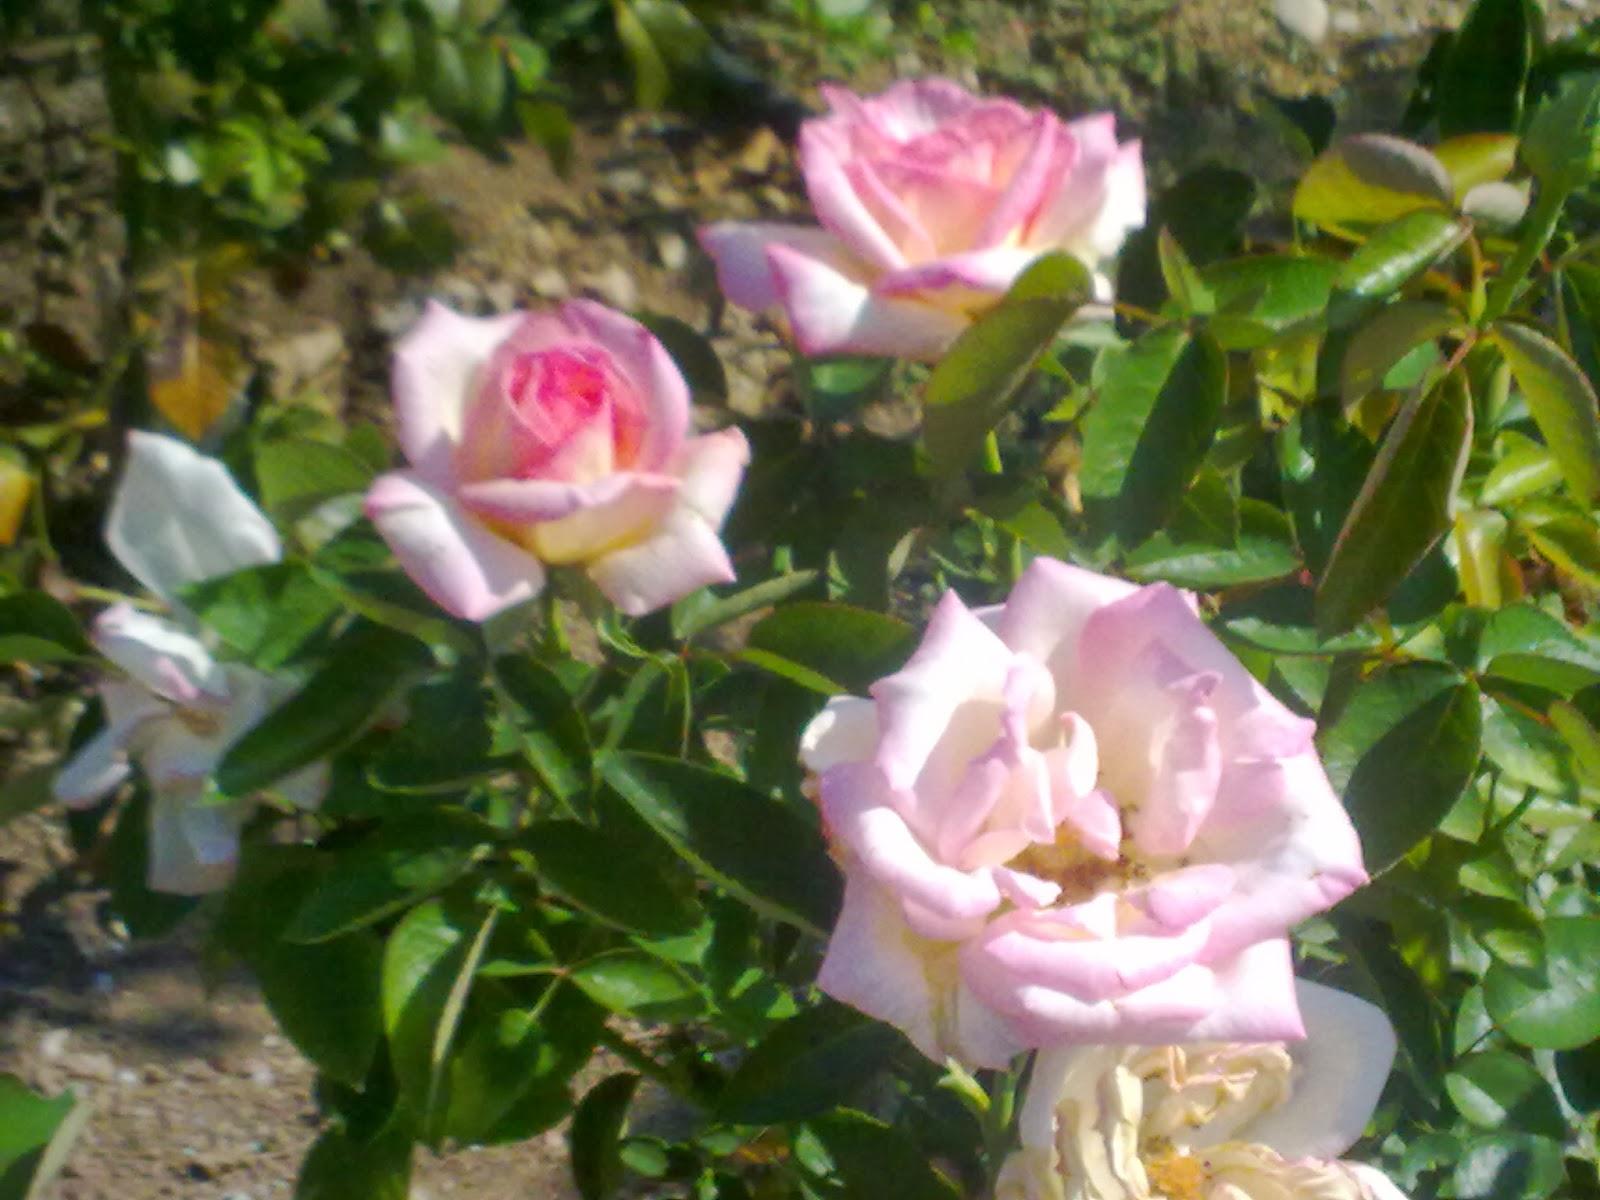 Fotos de flores ROSAS DE VARIOS COLORES - Imagenes De Tipos De Rosas